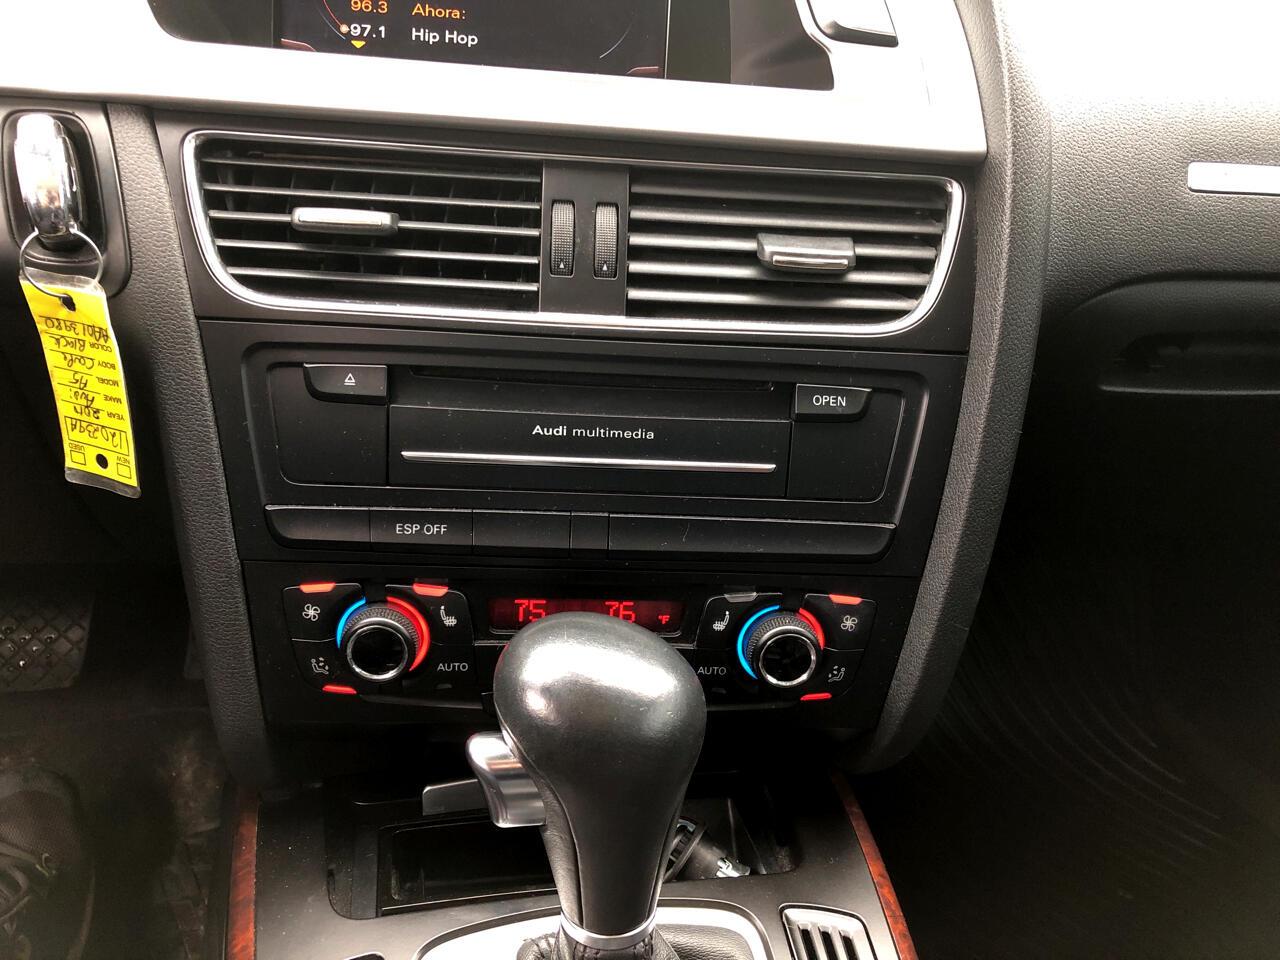 2010 Audi A5 2dr Cpe Auto quattro 2.0L Prestige